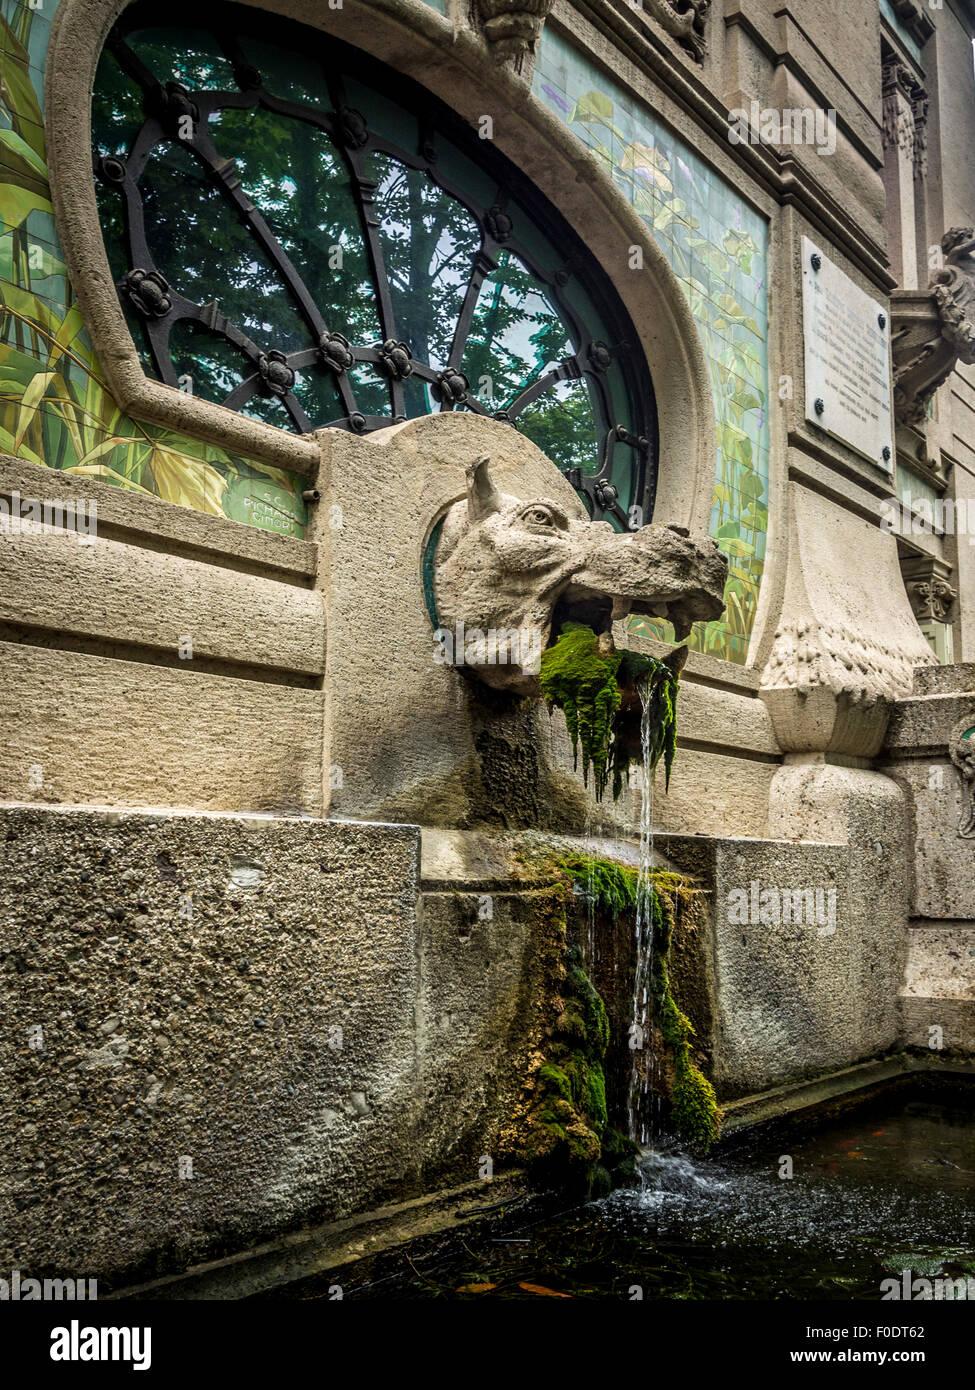 Hippopotamus water feature at the Milan aquarium (acquario civico} in Sempione Park Milan. - Stock Image